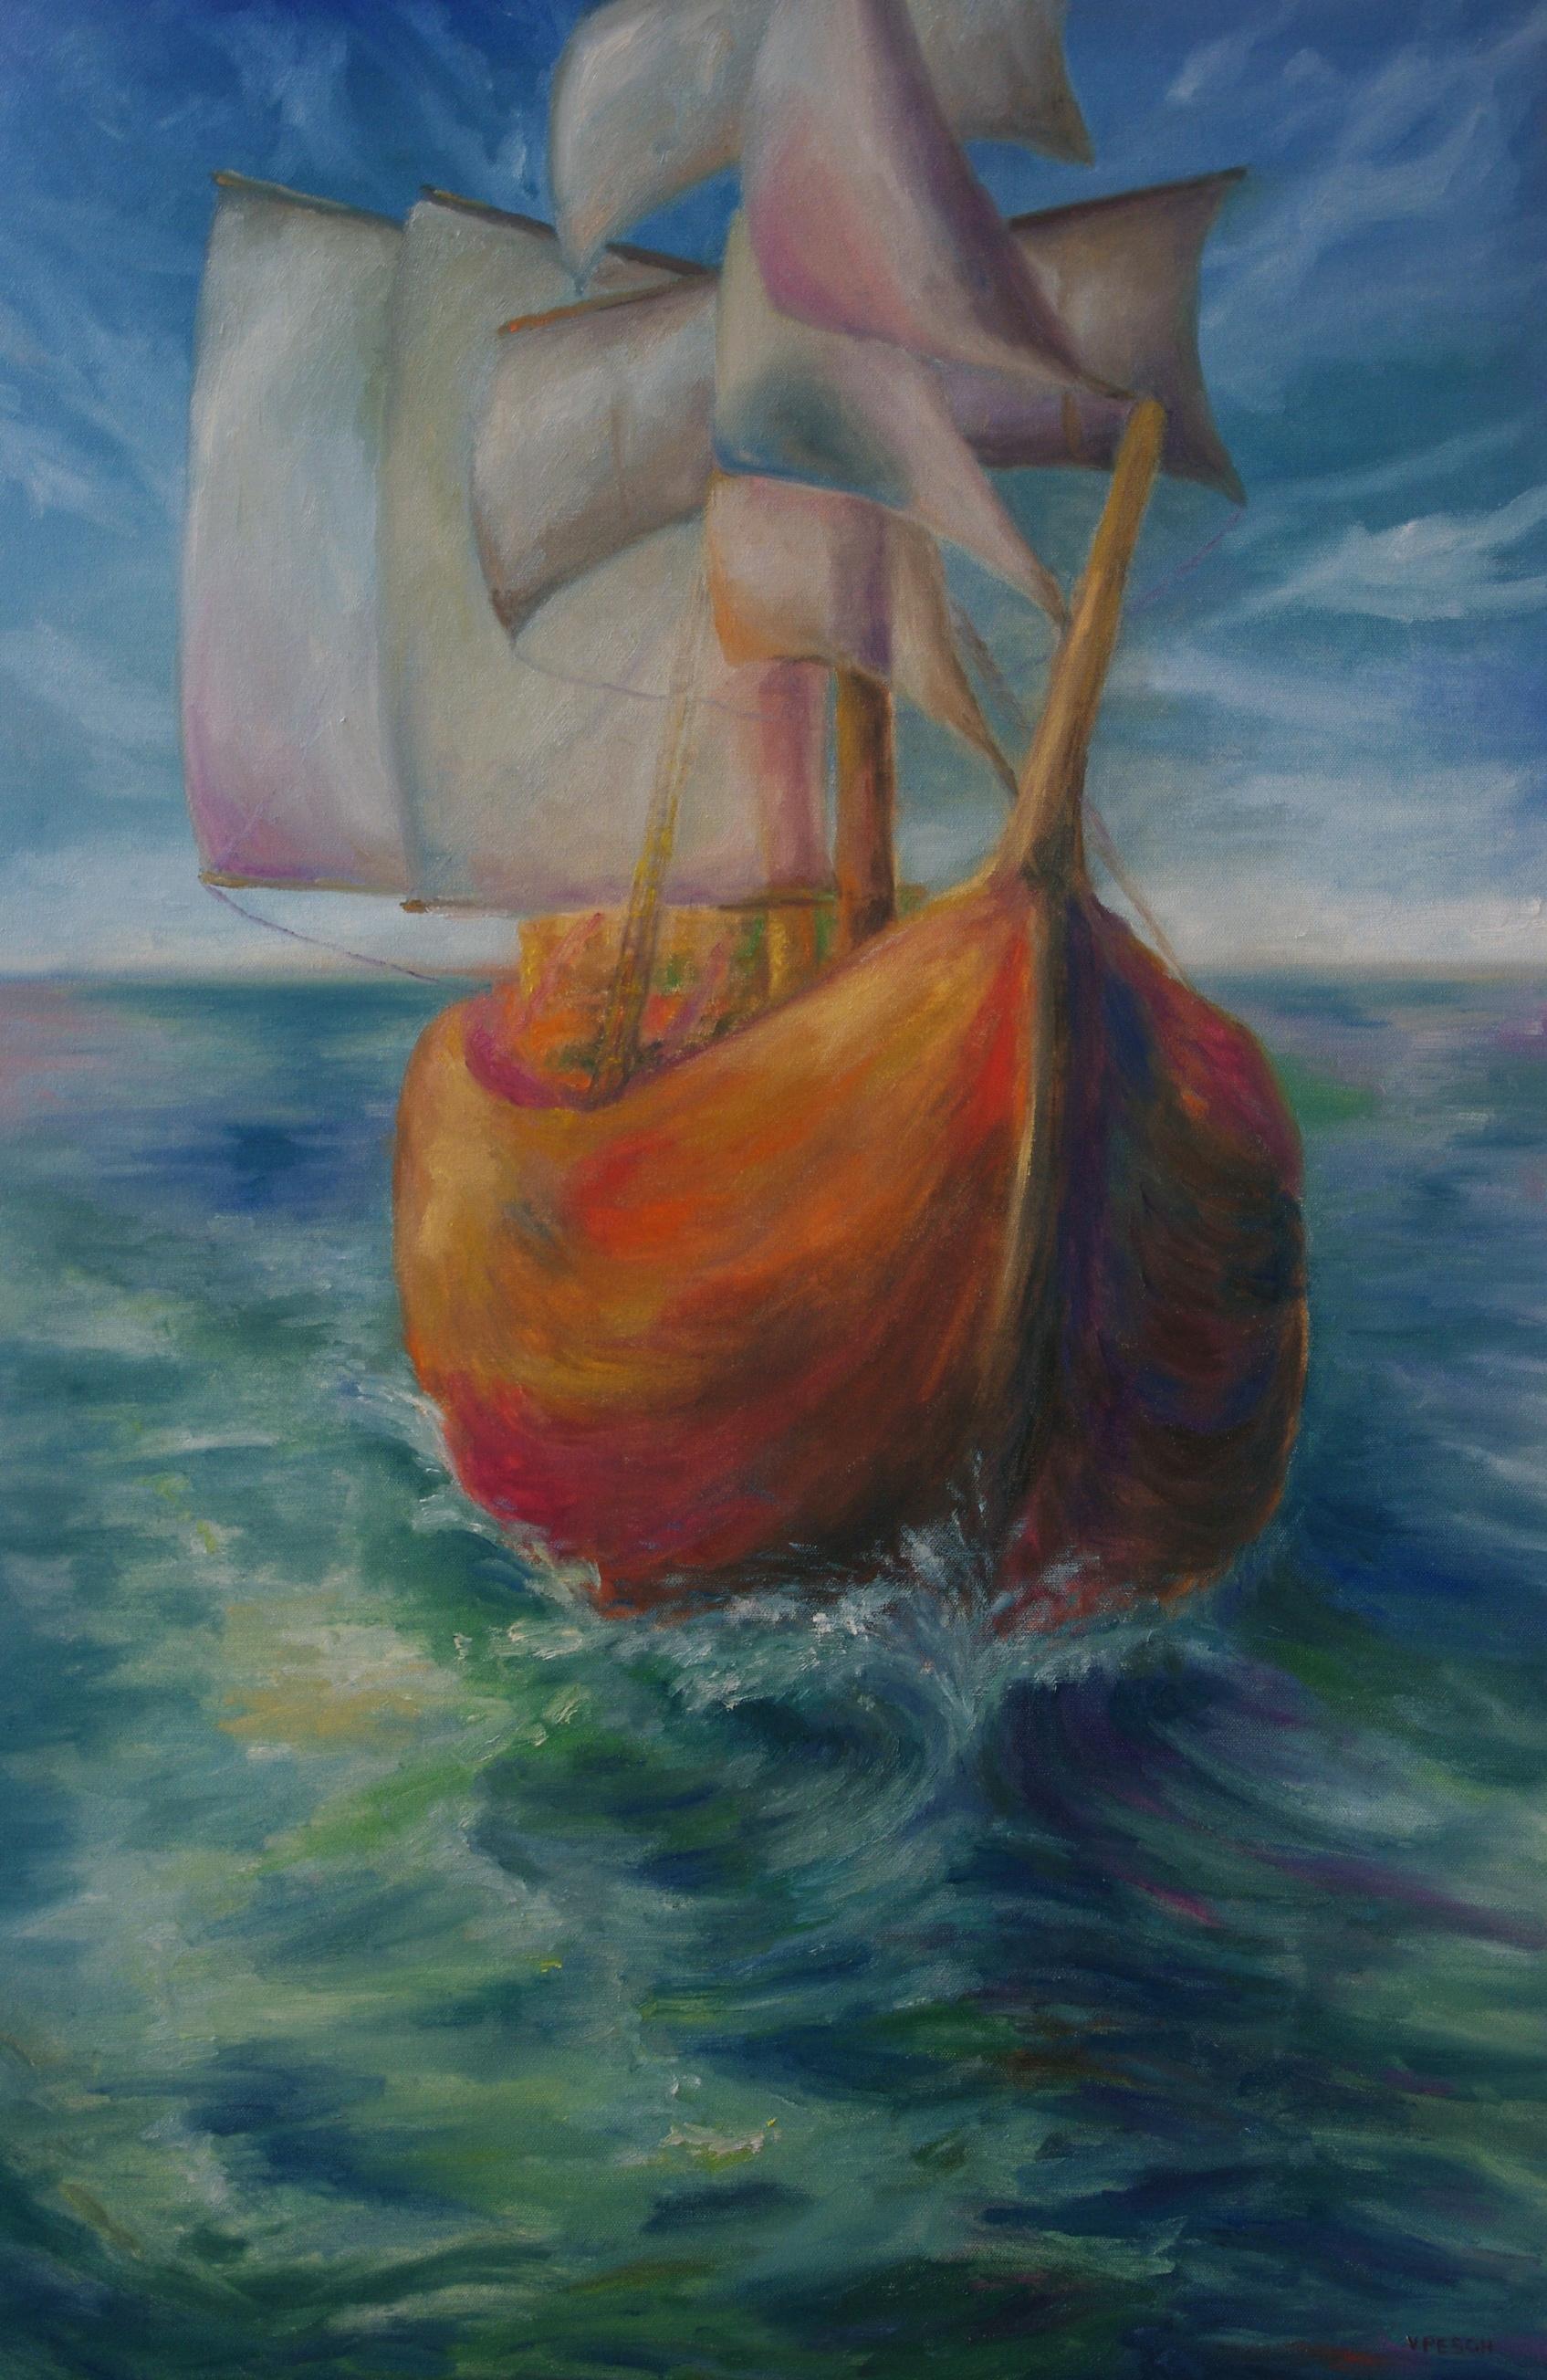 Sea's Splendor